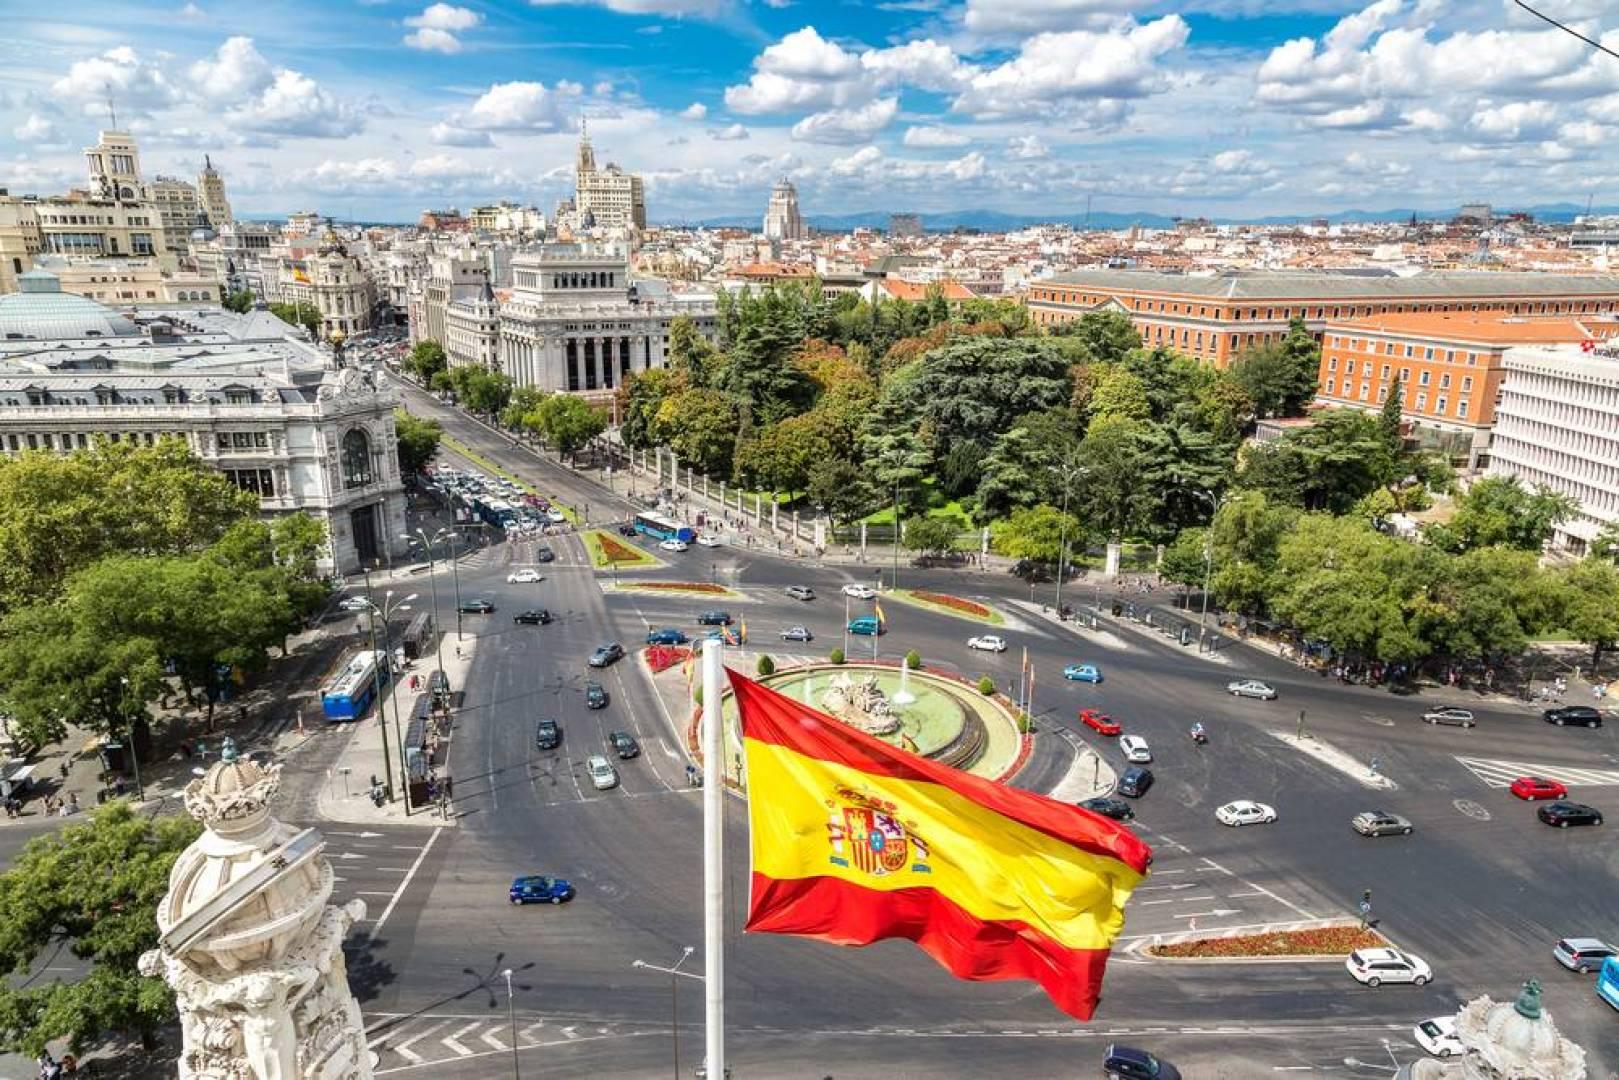 إسبانيا تعاود فتح حدودها مع انتهاء حالة الطوارئ